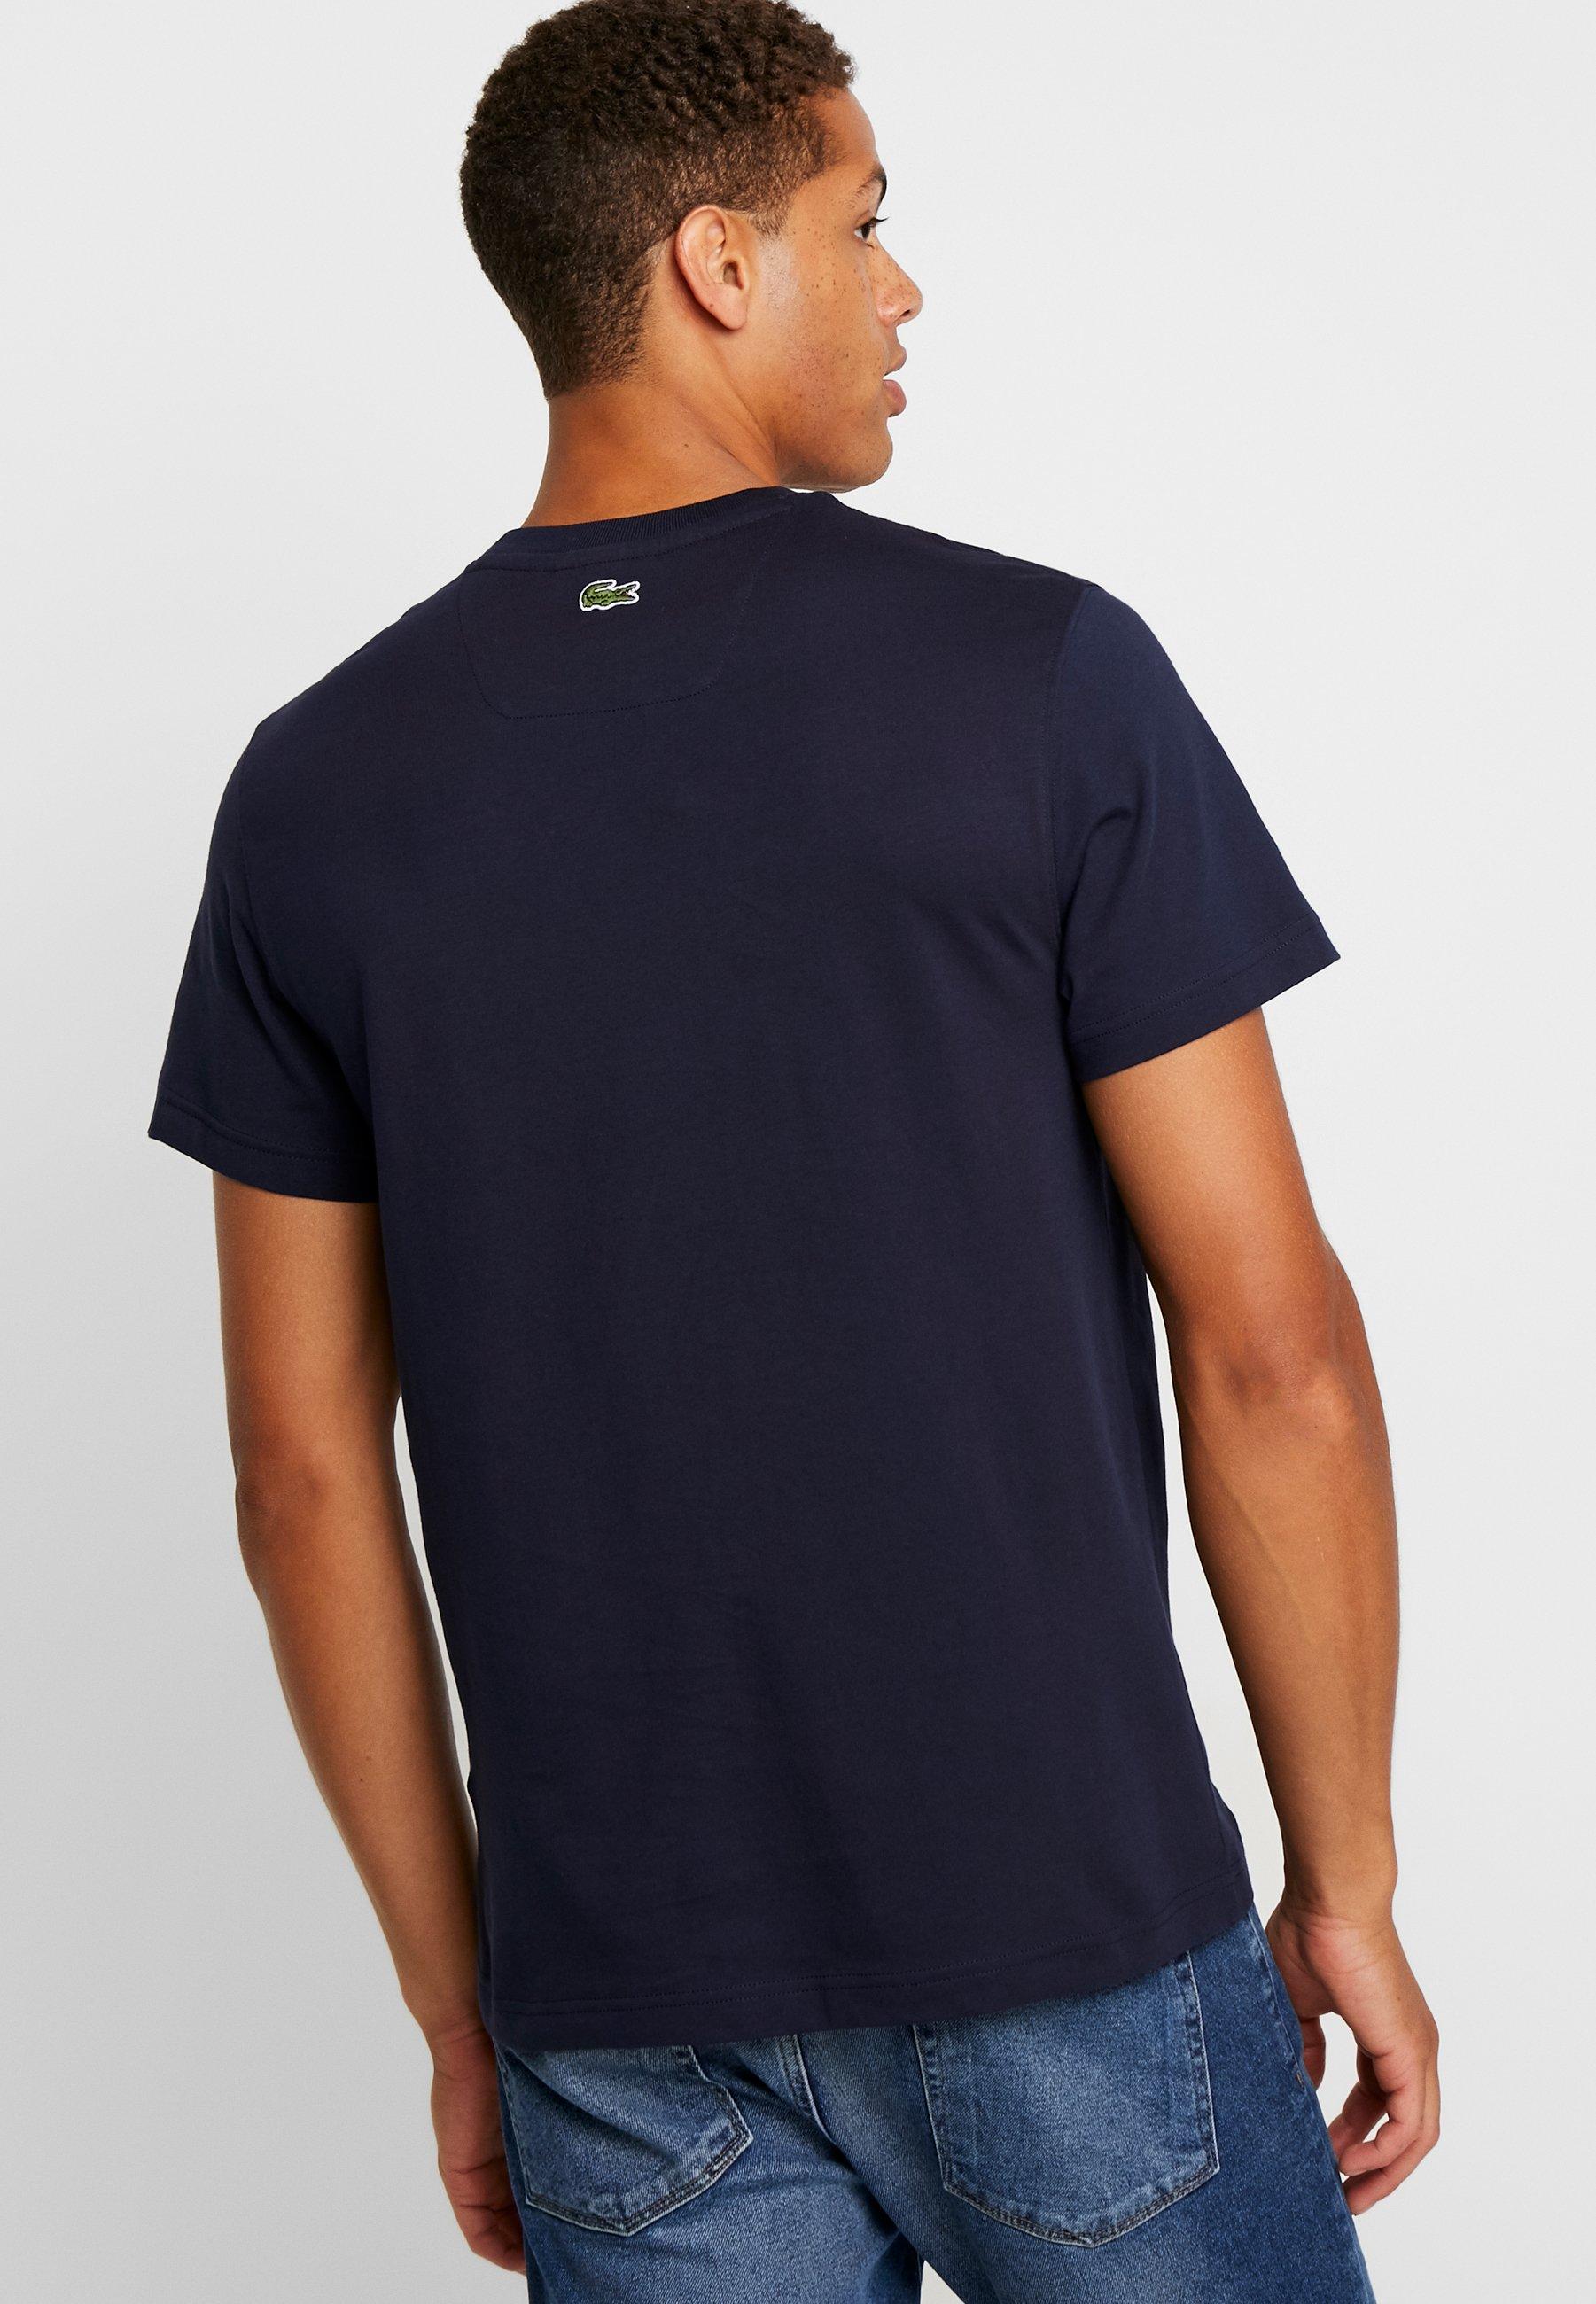 Lacoste shirt shirt Lacoste T T ImpriméMarine Lacoste ImpriméMarine T 54jARLq3